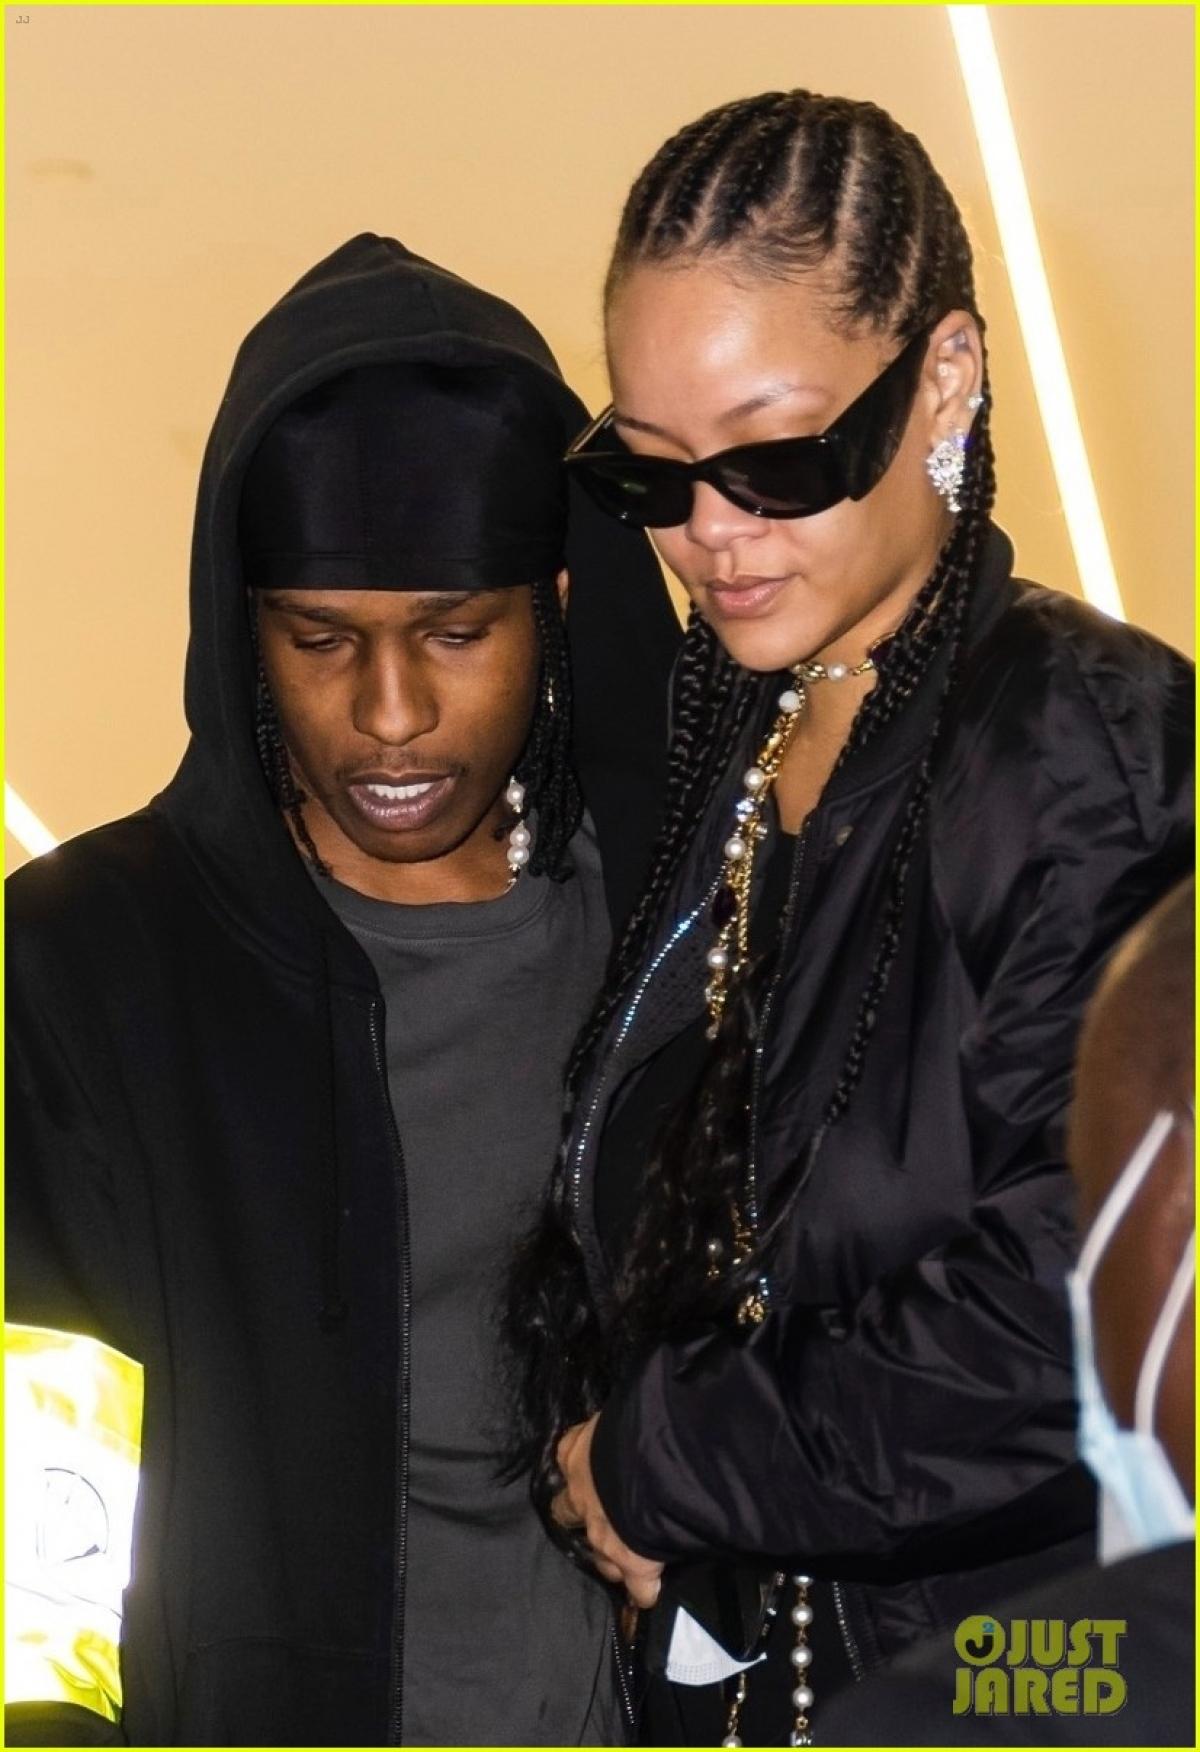 Rihanna đang tận hưởng cuộc sống xa hoa và hạnh phúc bên bạn trai mới - rapper A$AP Rocky.